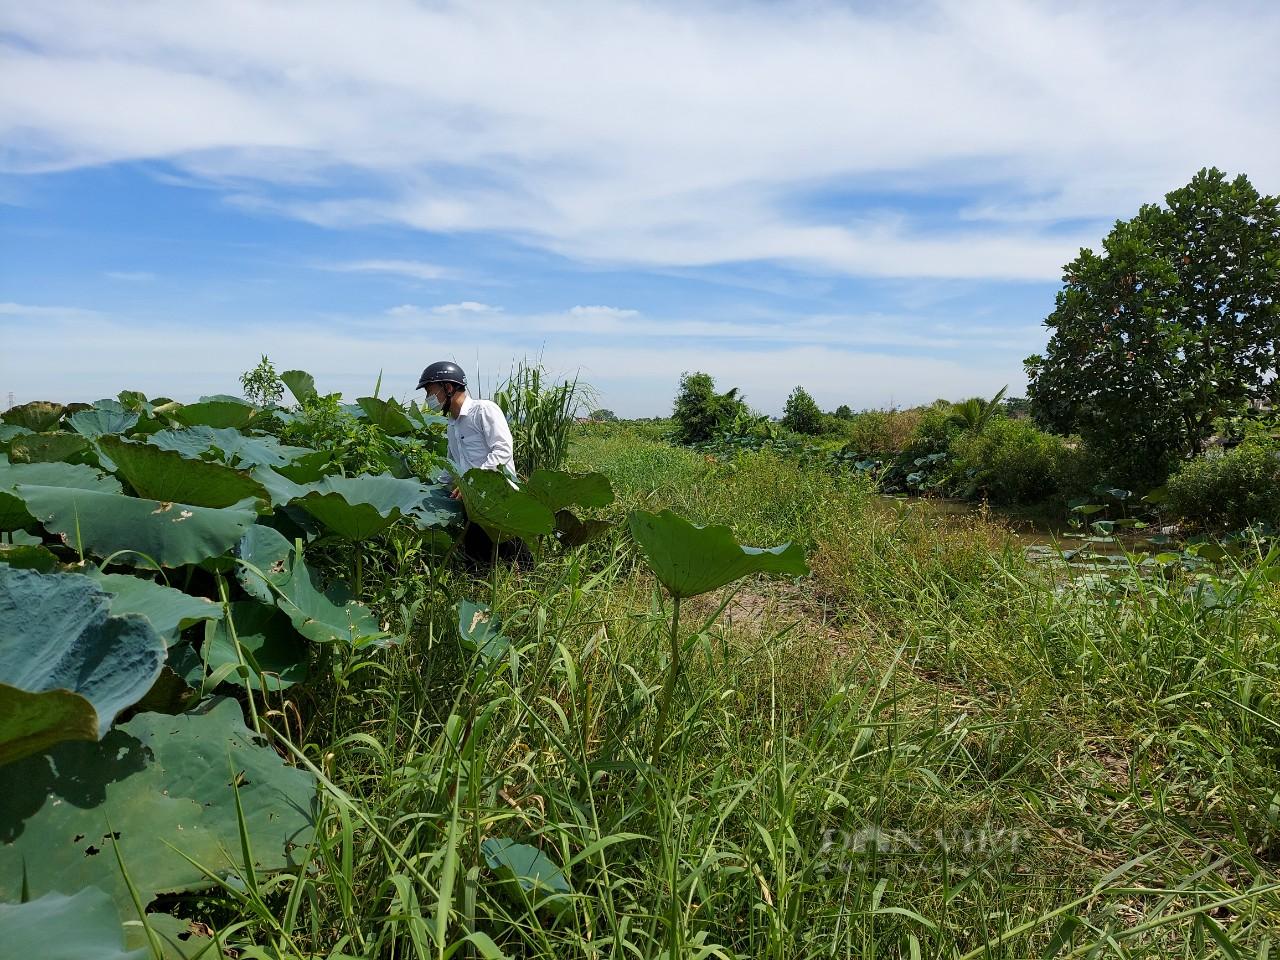 Hải Phòng: Nông dân trồng thứ cây tốt bời bời, bán được tất cả từ lá đến củ - Ảnh 3.